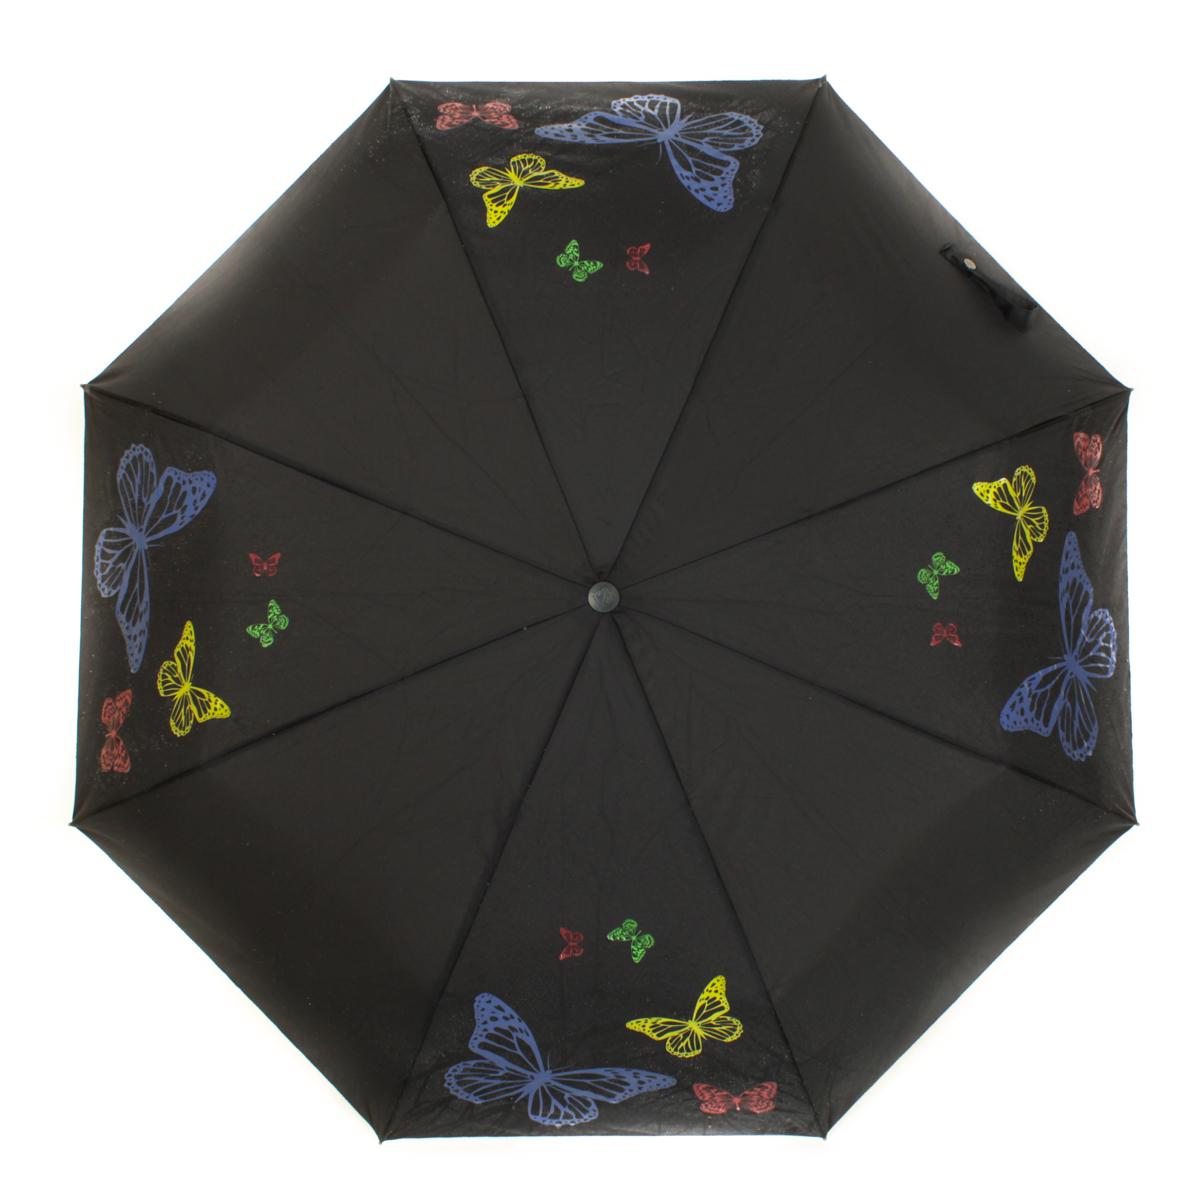 """Зонт женский Flioraj Тайные знаки, автомат, 3 сложения, черный, белый210202 FJМодный автоматический зонт Flioraj """"Тайные знаки"""" в 3 сложения отлично подойдет для ненастной погоды. """"Ветростойкий"""" каркас зонта, изготовленный из анодированной стали, состоит из восьми спиц и прочного стержня. Купол зонта с тефлоновой пропиткой выполнен из полиэстера и оформлен изображением бабочек. Модель оснащена рукояткой из пластика. Зонт имеет полный автоматический механизм сложения: купол открывается и закрывается нажатием кнопки на рукоятке, стержень складывается вручную до характерного щелчка. Благодаря этому открыть и закрыть зонт можно одной рукой, что чрезвычайно удобно при входе в транспорт или помещение. Небольшой шнурок, расположенный на рукоятке, позволяет надеть изделие на руку при необходимости. Модель закрывается при помощи хлястика на кнопке. Такой зонт не только надежно защитит вас от дождя, но и станет стильным аксессуаром, который идеально подчеркнет ваш неповторимый образ."""